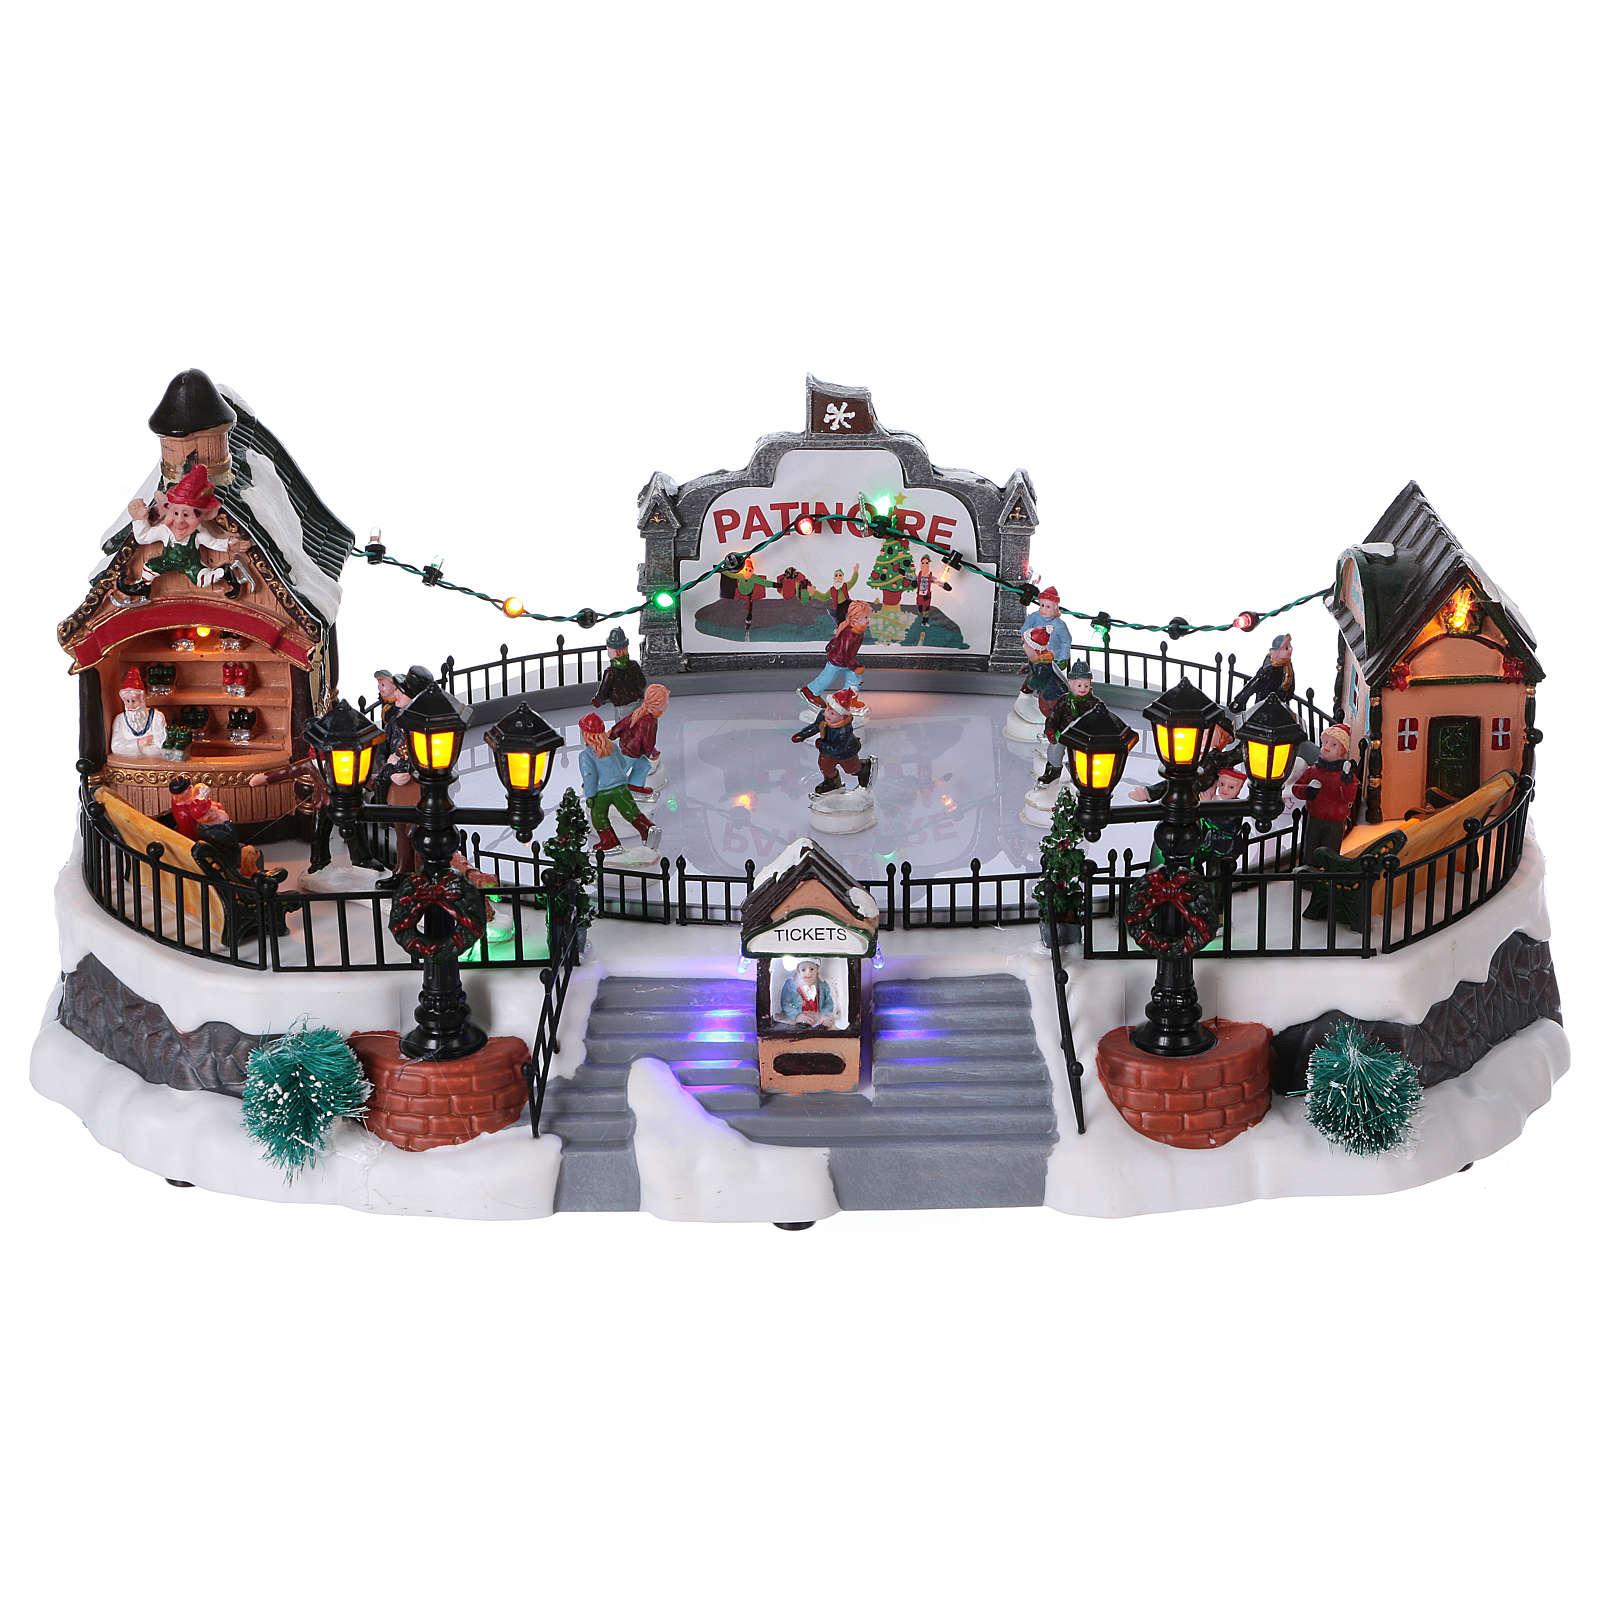 Scenografia di Natale 20x40x25 cm pattinaggio mov gnomo corr 3